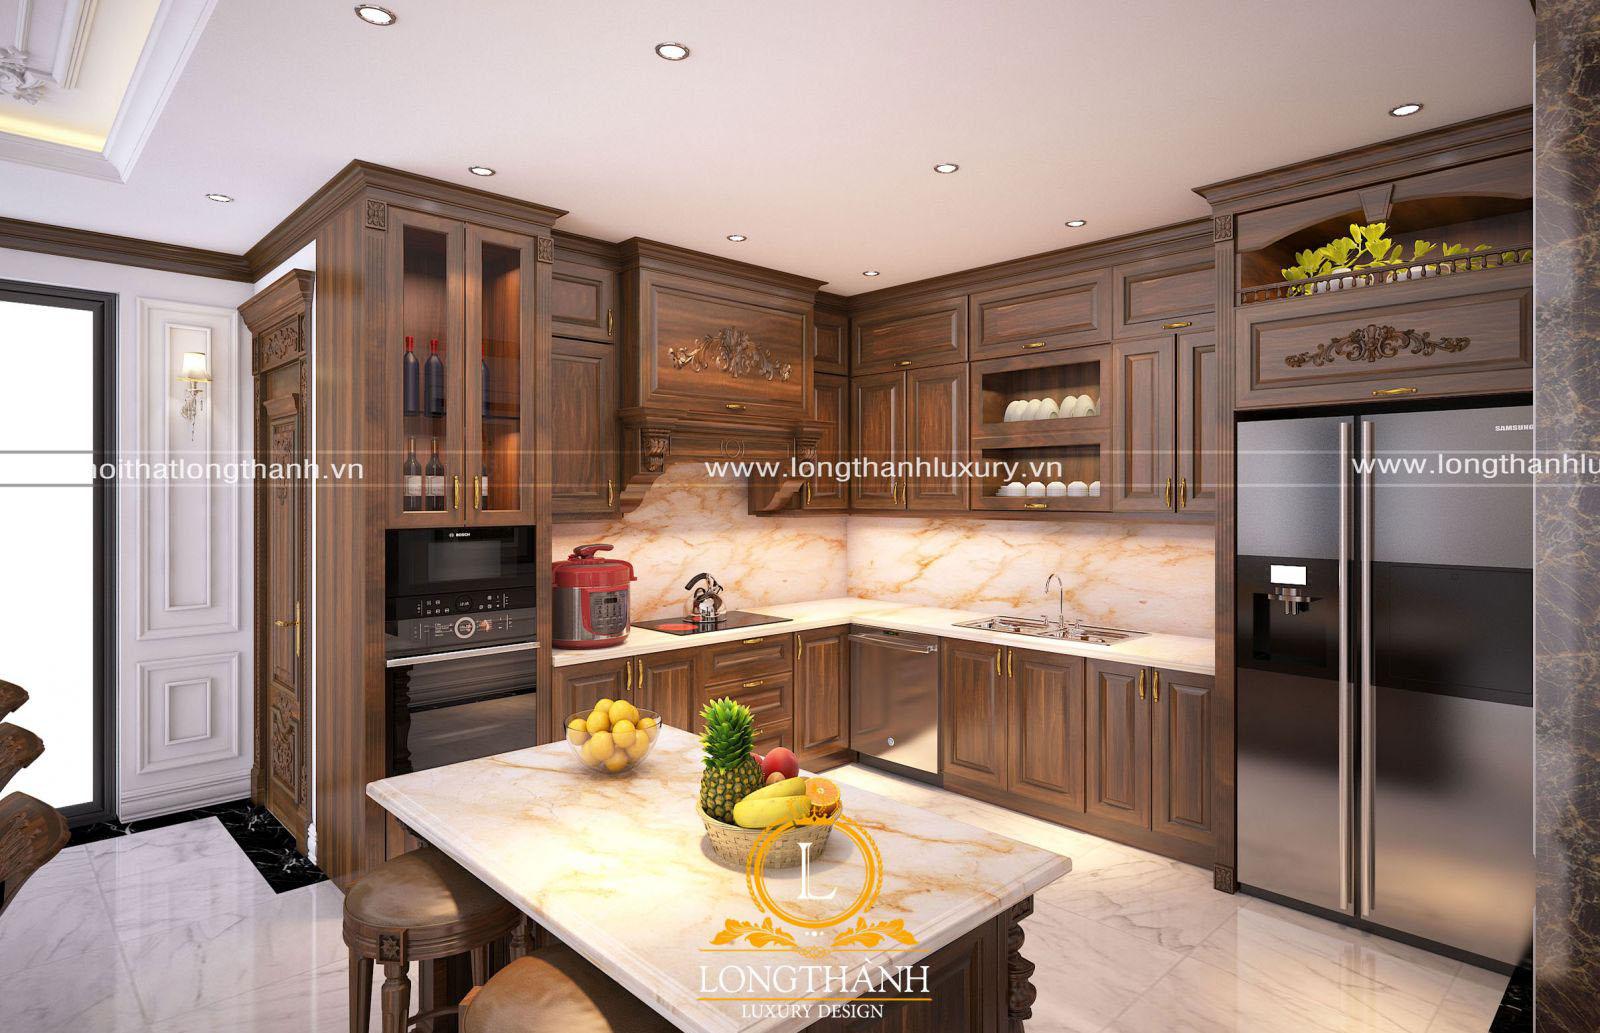 Mẫu tủ bếp tân cổ điển được sơn PU chất lượng cao